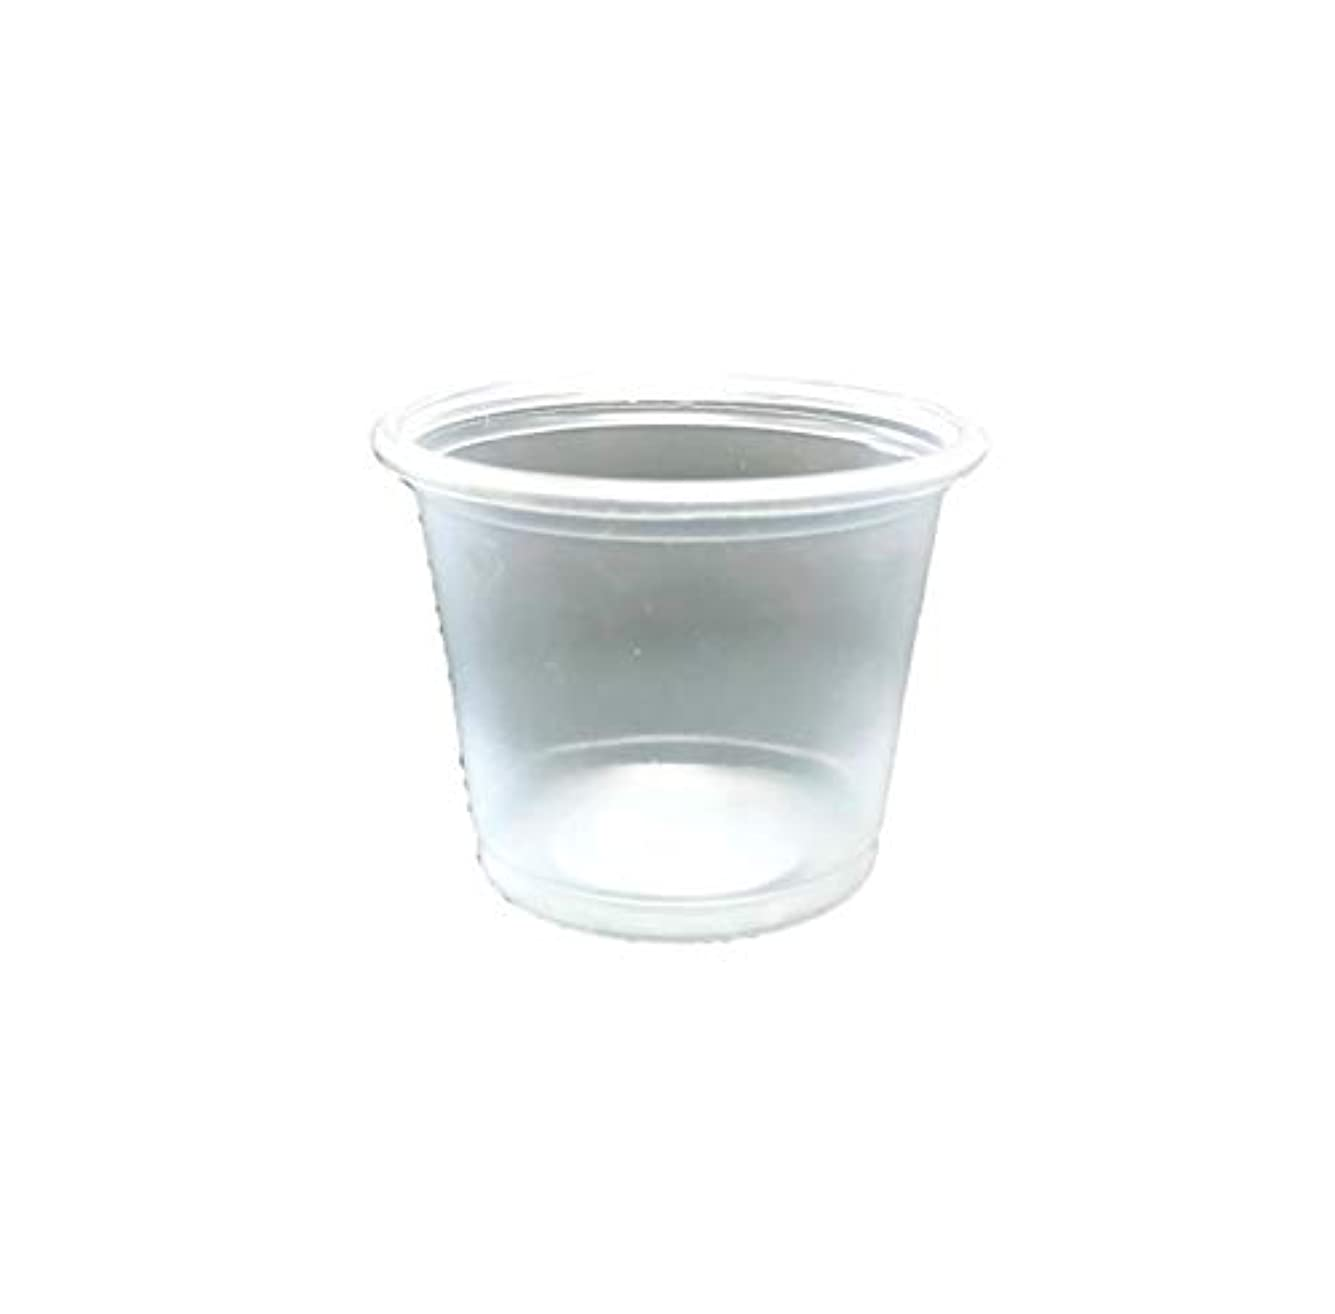 更新それに応じてマーキーニッチプラス 熱さに強い試飲?試食カップ クリア 1オンス30ml 250個入